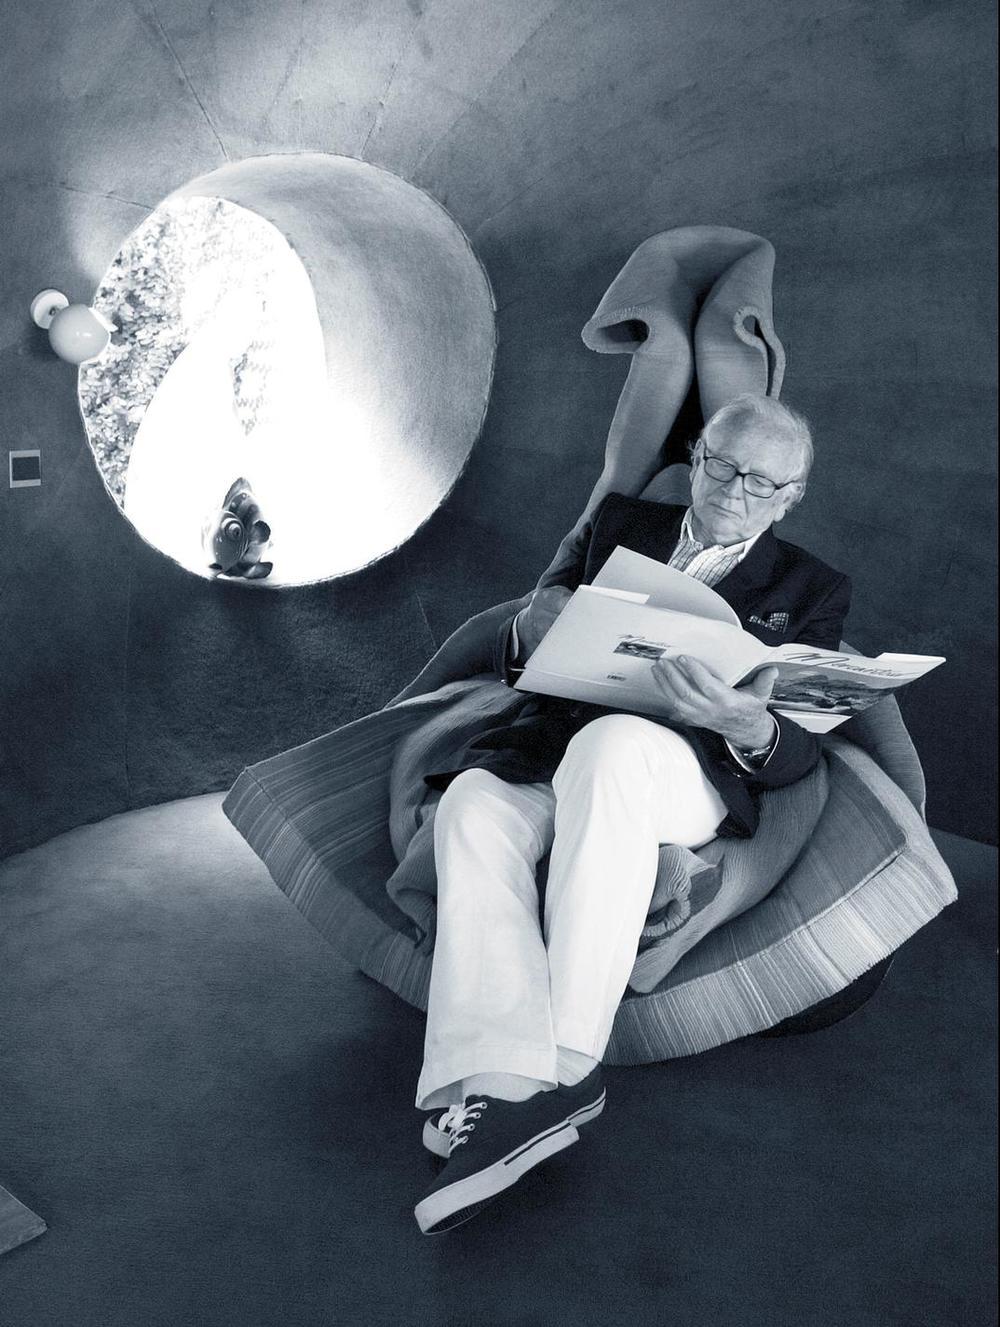 El palacio de las burbujas  Pierre Cardin, el astro rey del futurismo, descansando en su sillón diseñado porClaude Prévost. Es en 1991 que Cardin adquiere esta magnífica residencia.   foto: Gamma Rapho / Getty Images